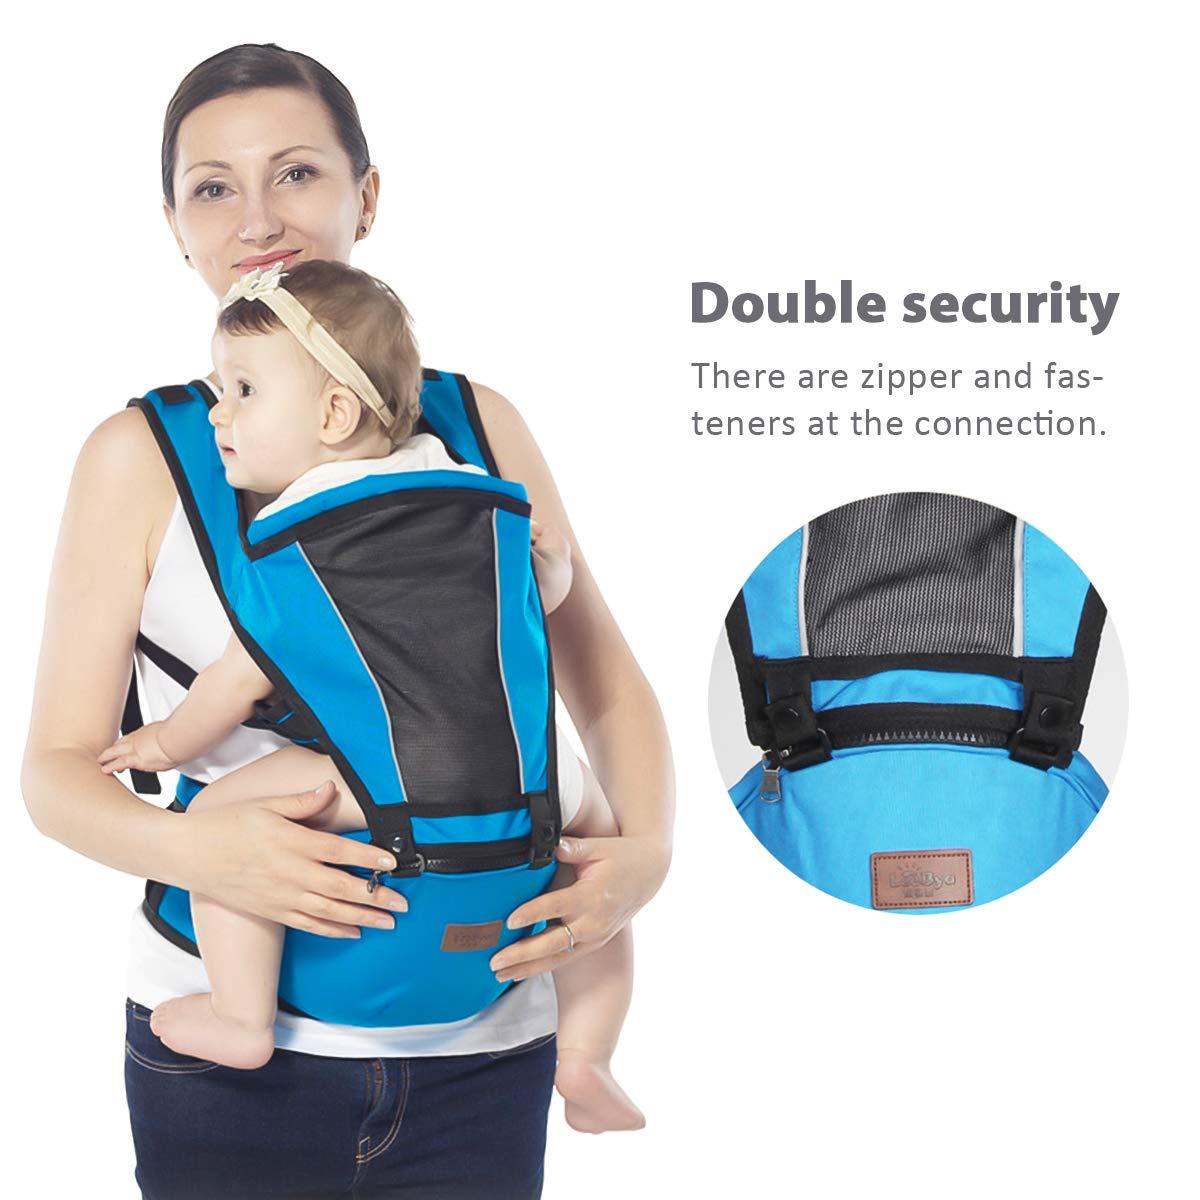 Ergonomisch,6 Tragende Positionen,Angepasst an Ihr Kind wachsende,Einfach zu tragen und Einfach Mama,Ideal Geschenk Blau SONARIN 2018 Premium Hipseat Babytrage,vorne,horizontal,Multifunktional